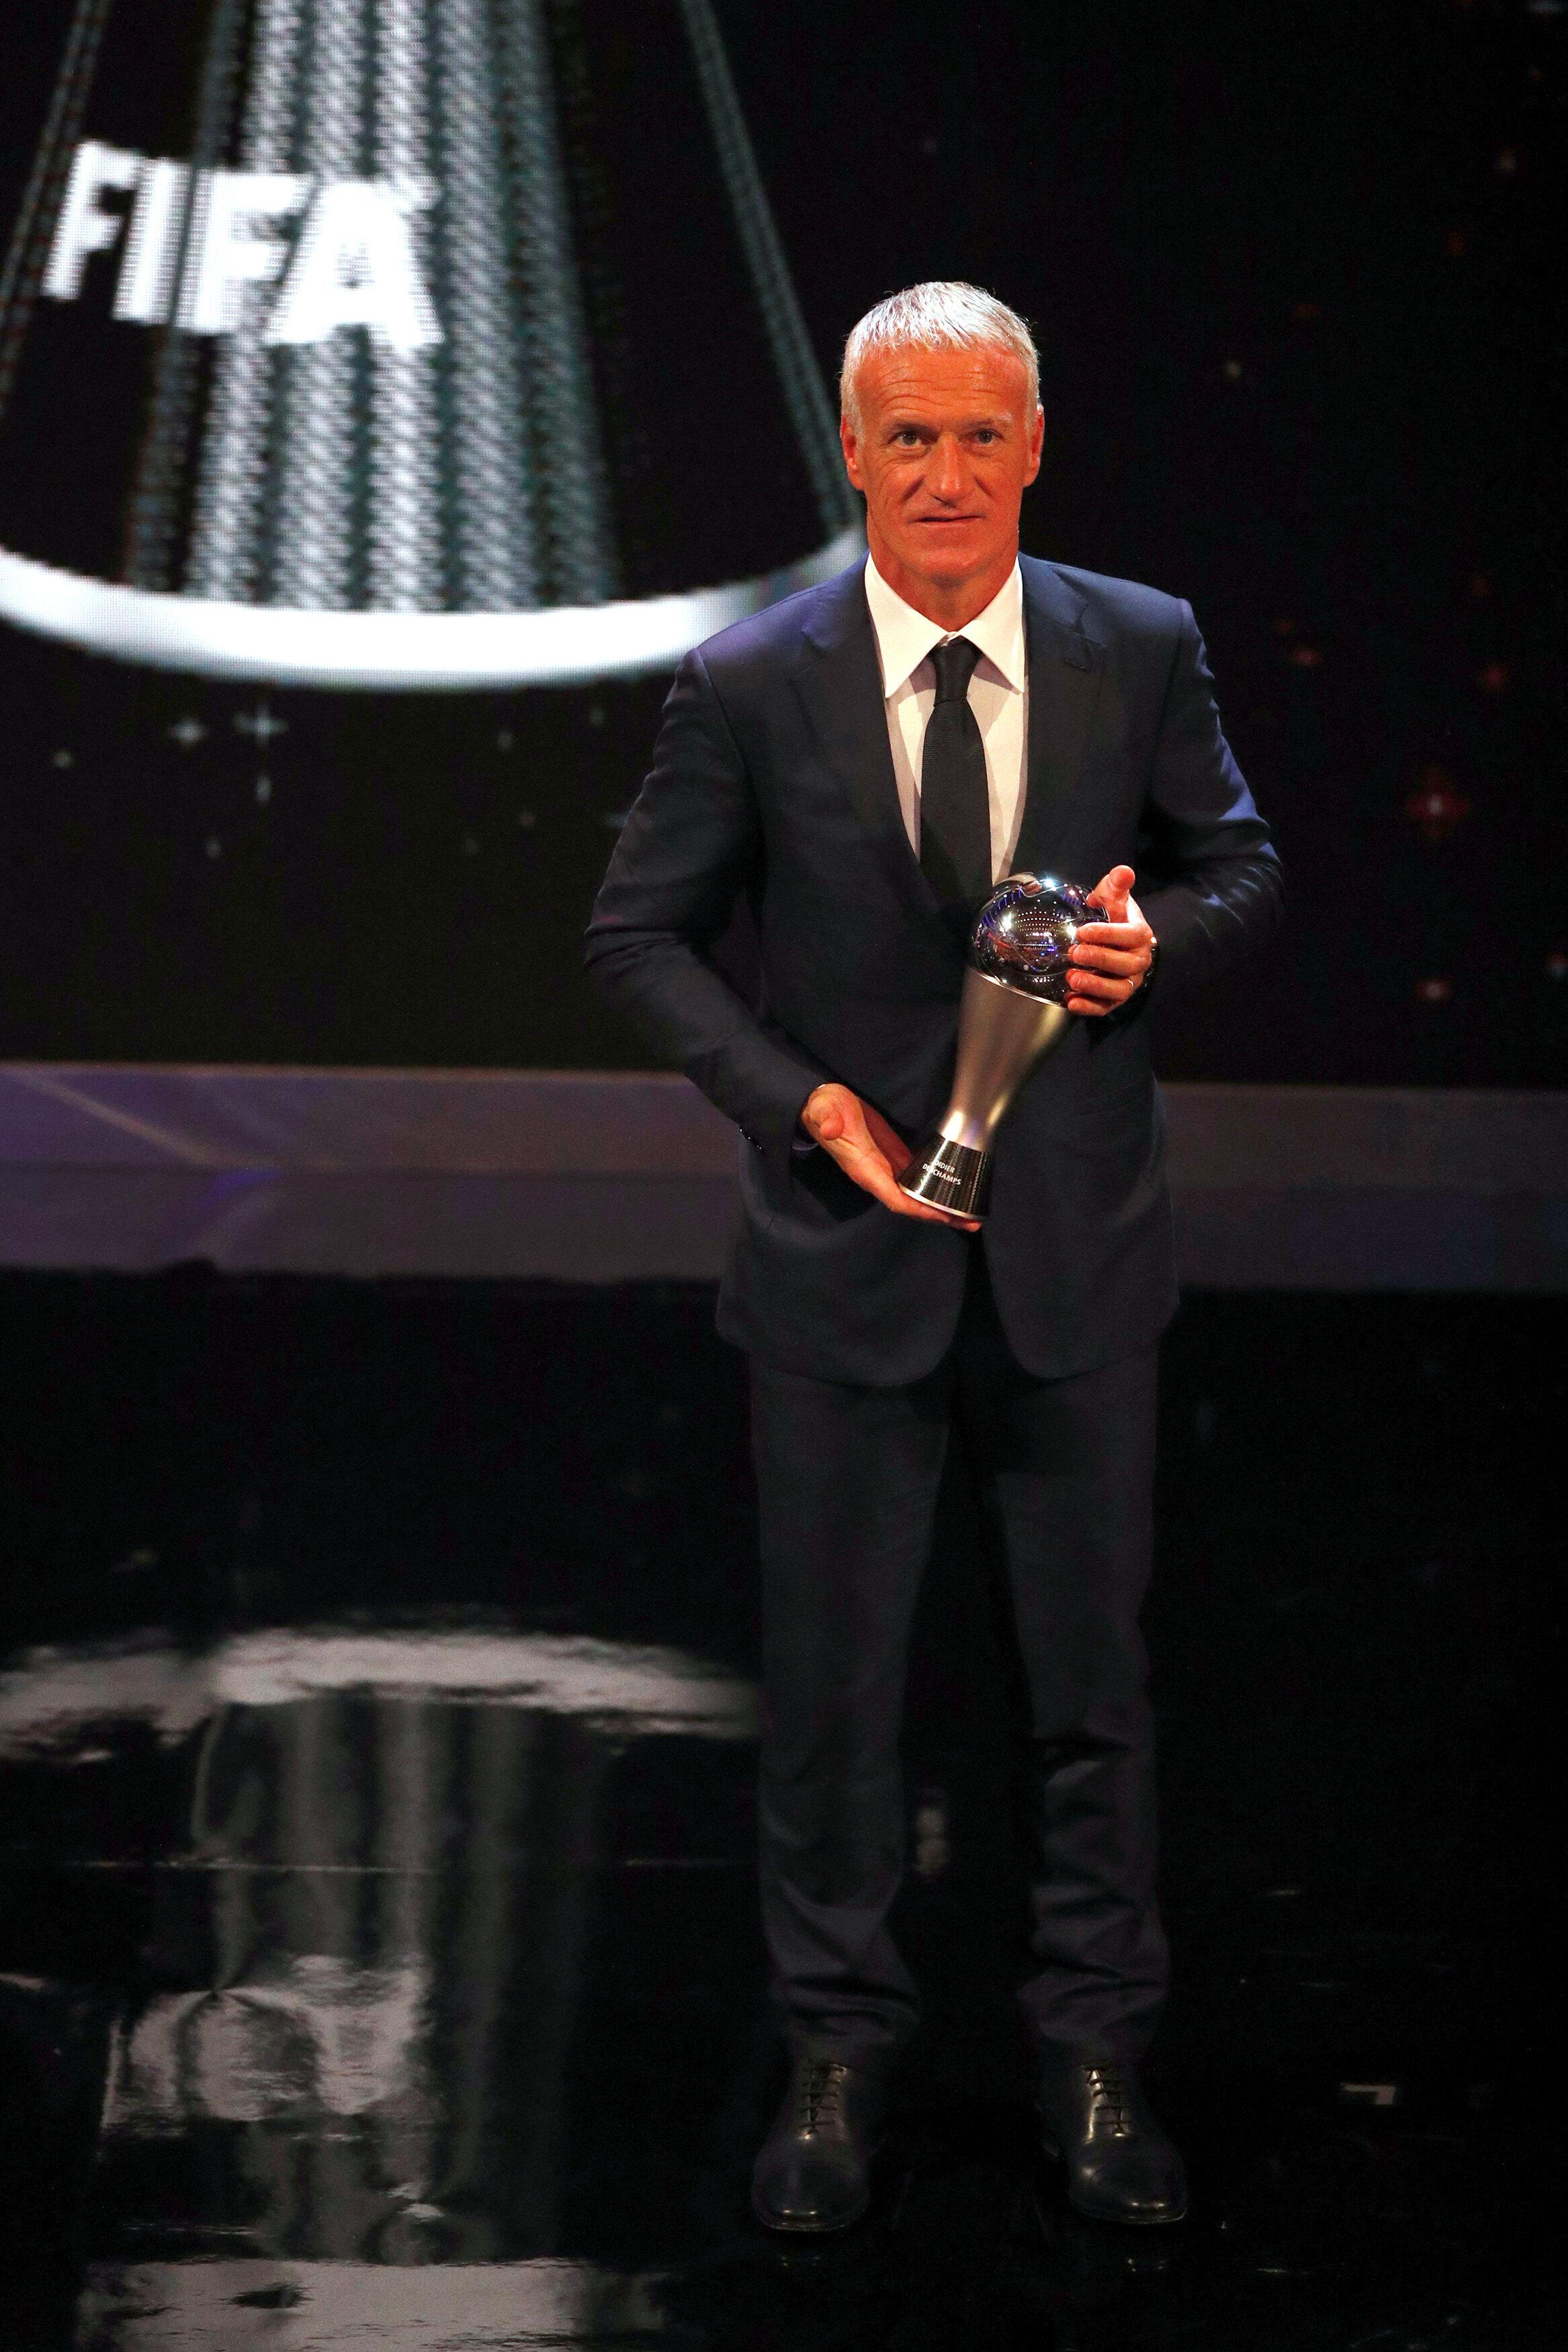 Didier Deschamps nhận danh hiệu huấn luyện viên xuất sắc nhất, Luân Đôn, 24/09/2018